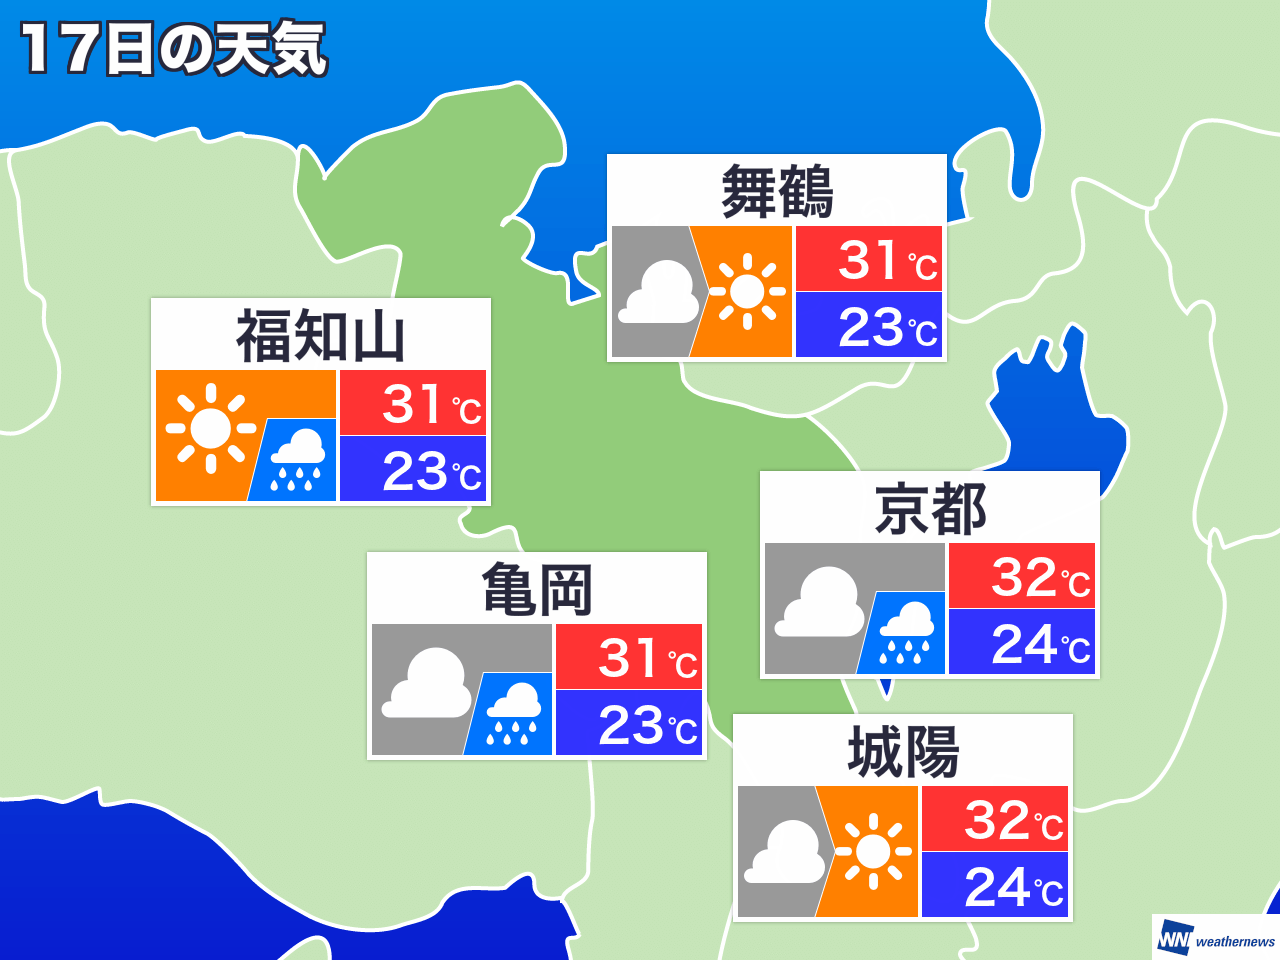 伏見 区 天気